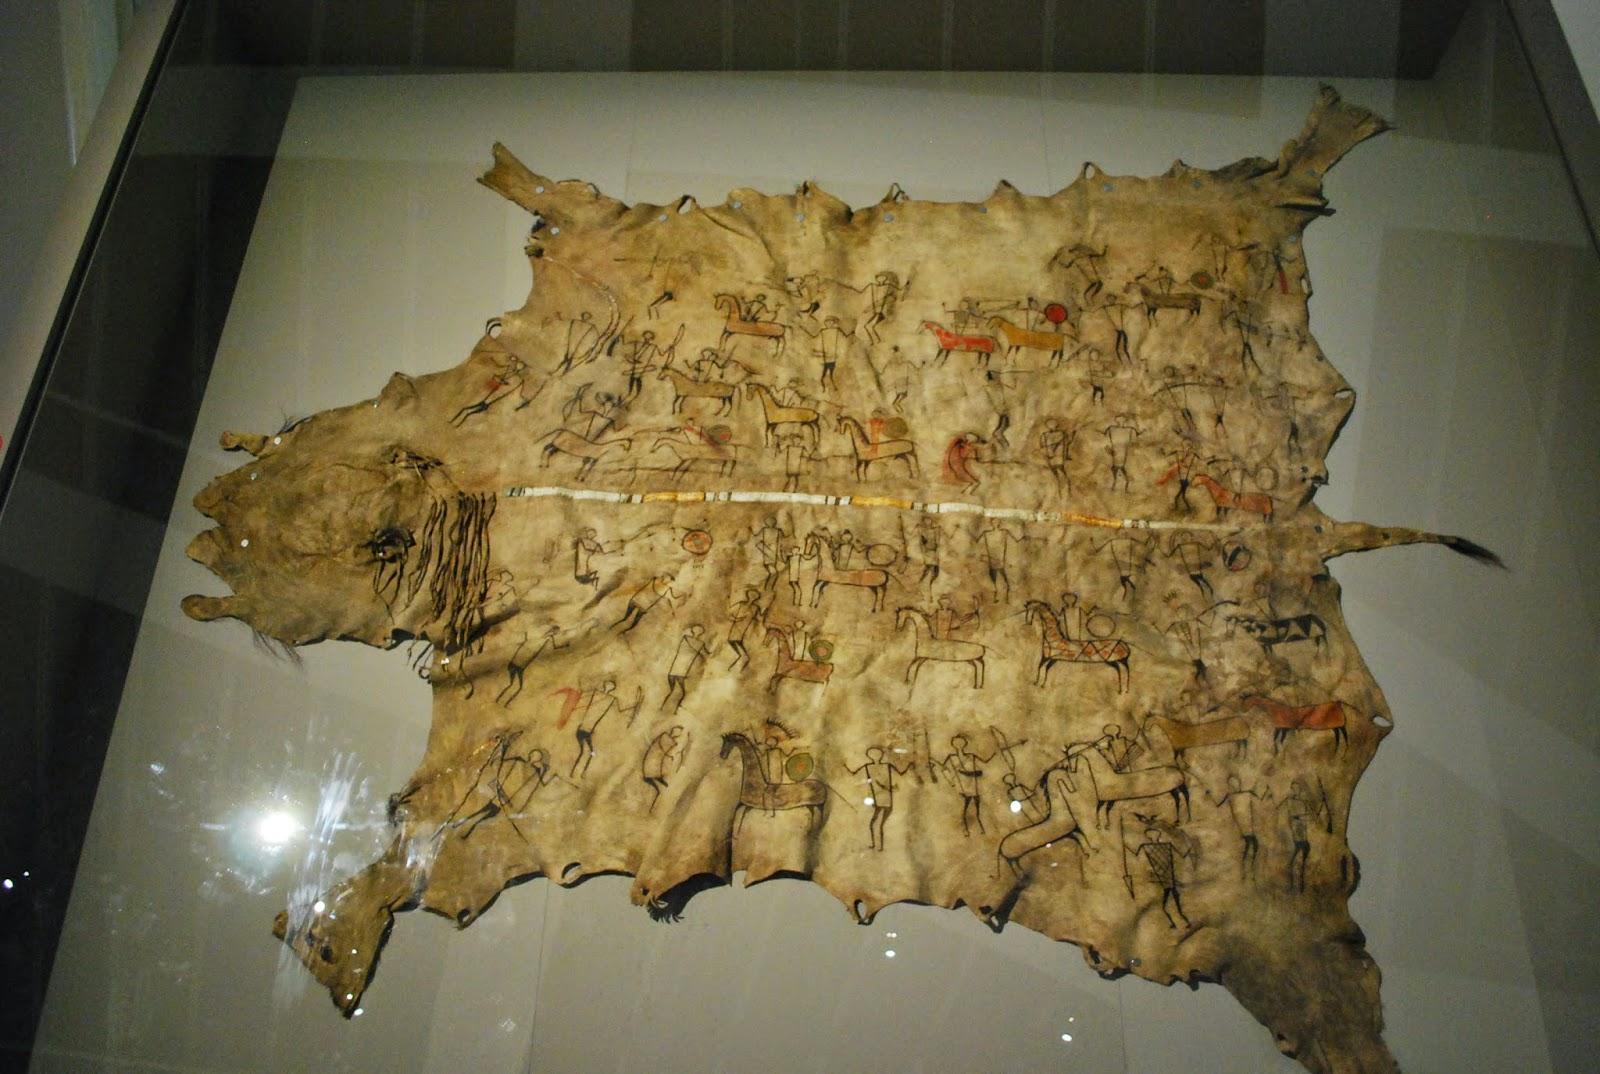 Lakotas ou Yanktons, Robe, 1780-1825 Branly